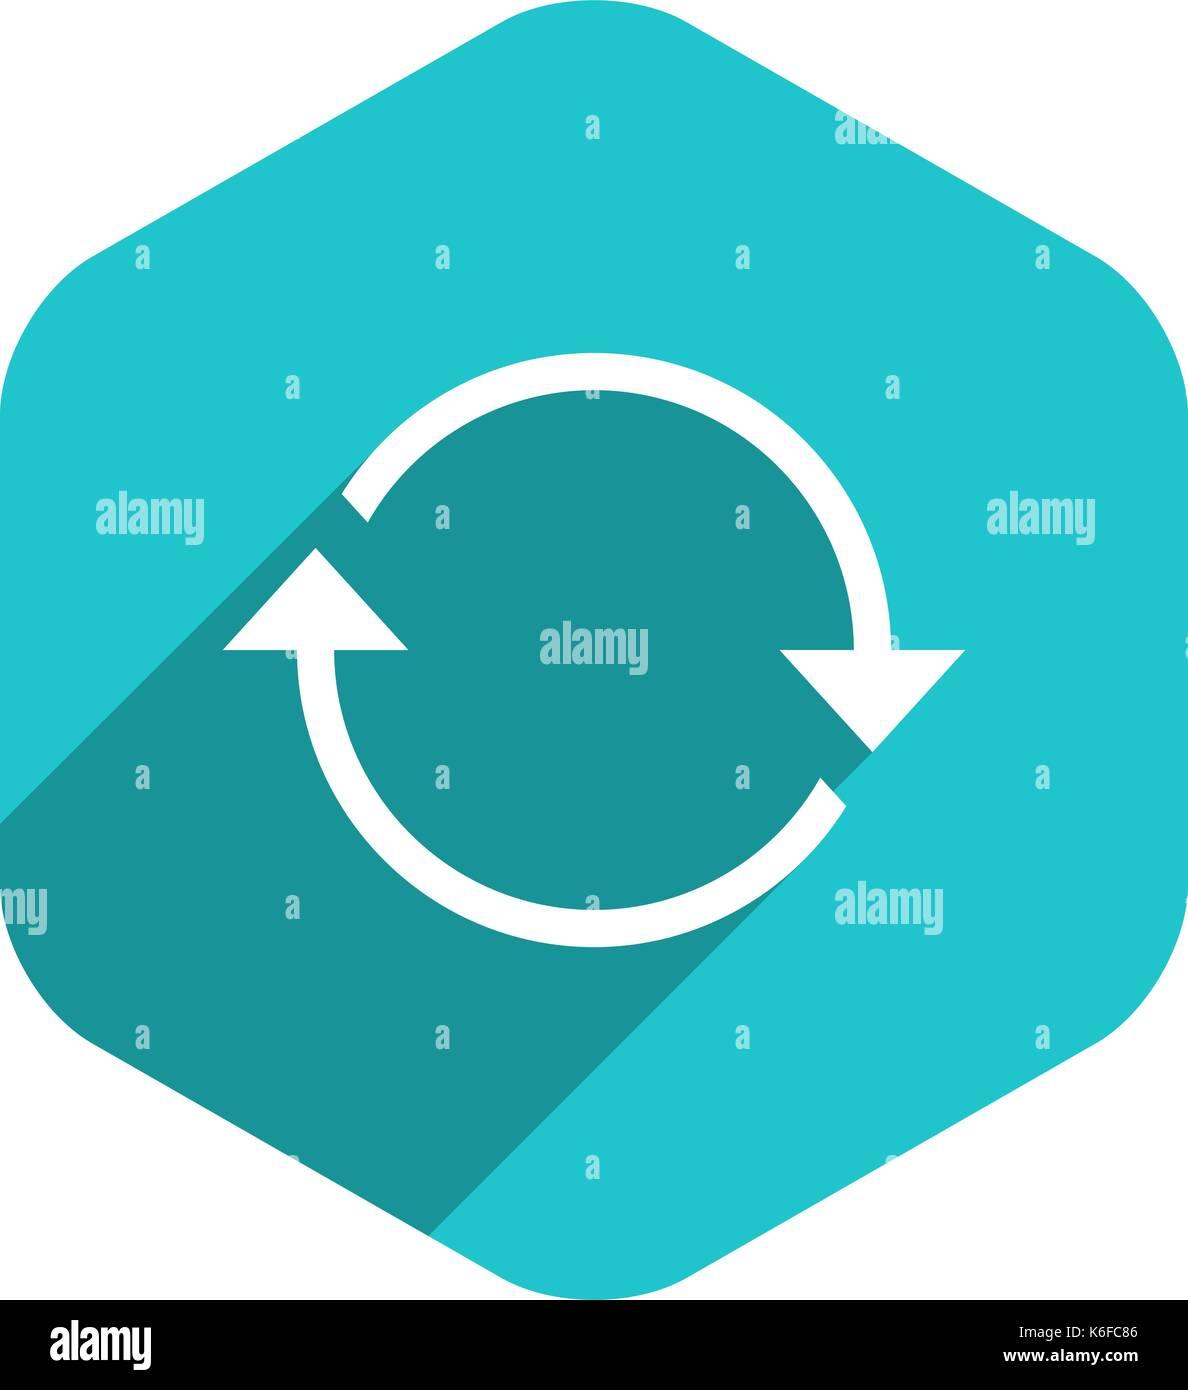 L'utiliser dans tous vos projets. panneau de flèche recharger, rafraîchir, rotation, en boucle, la répétition, l'icône de réinitialisation dans internet web hexagonal bouton dans télévision long shadow Photo Stock